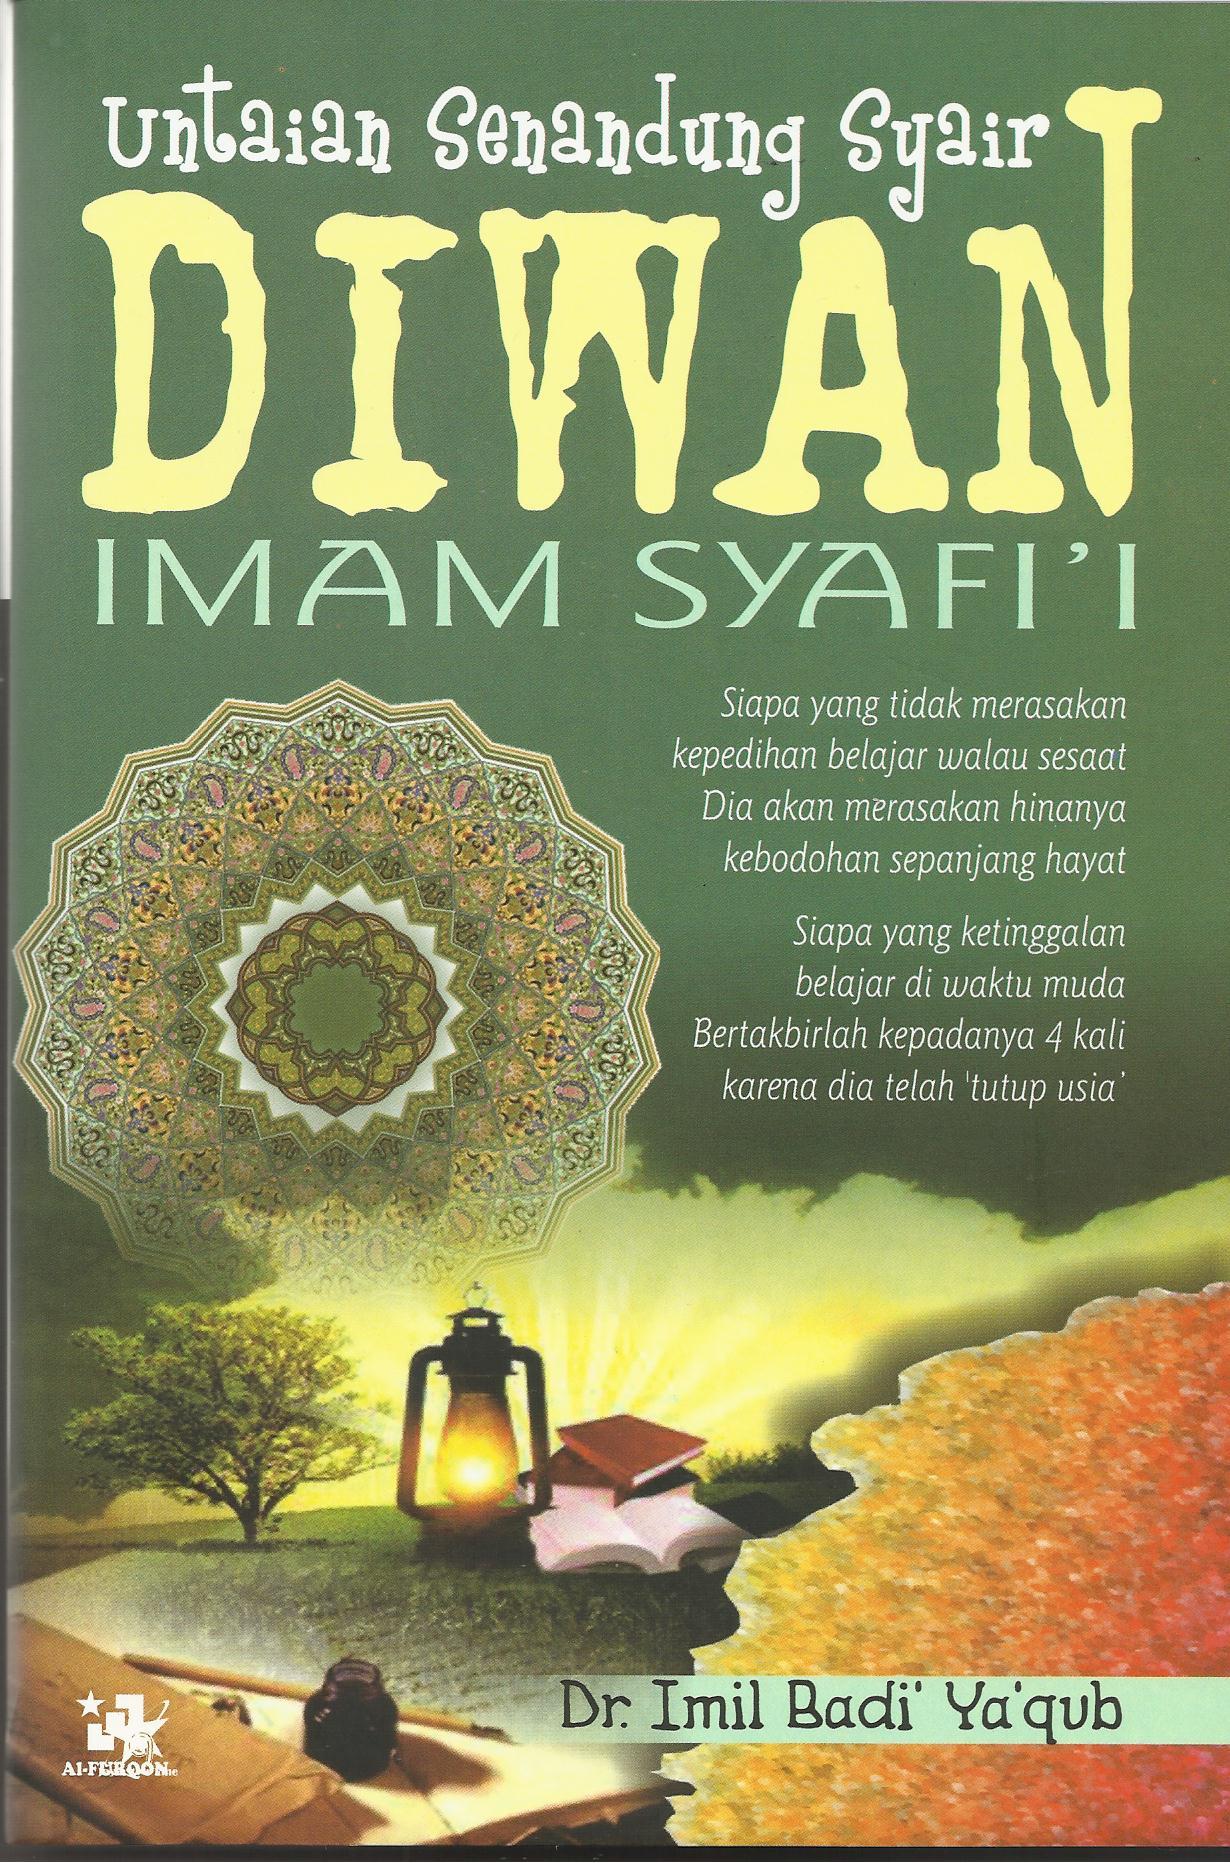 Untaian Senandung Syair Diwan Imam Syafii